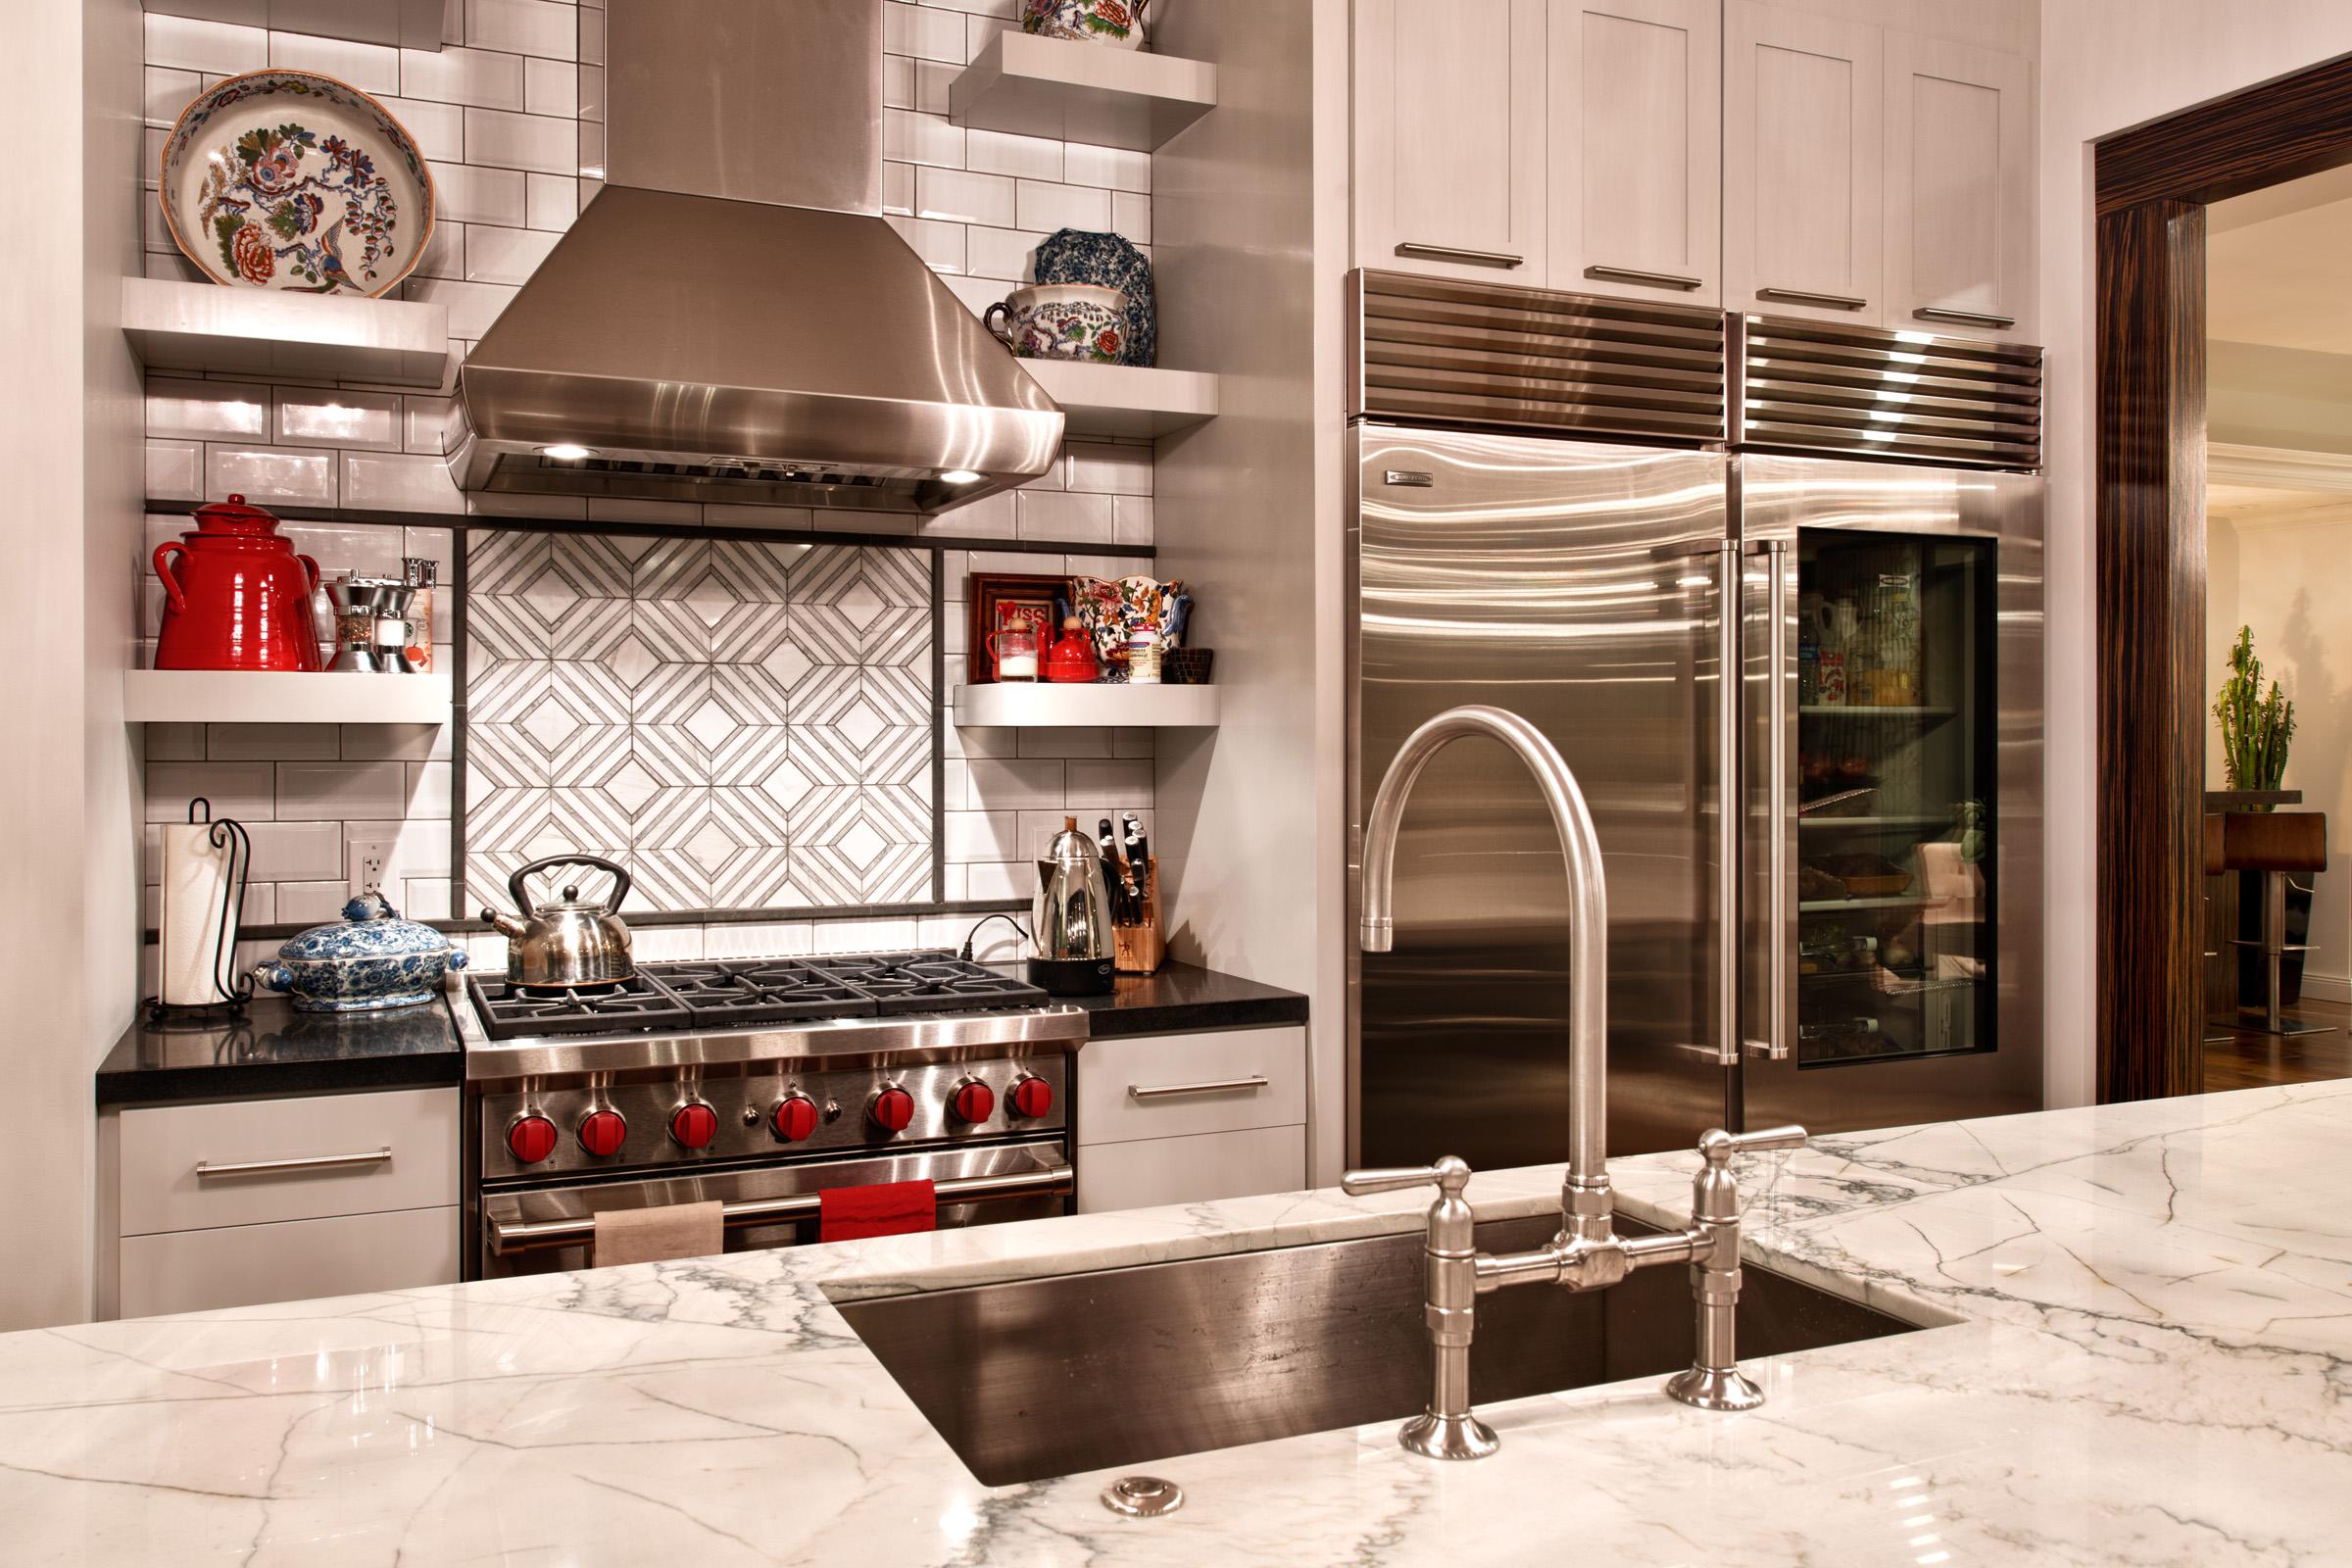 A Dream Kitchen